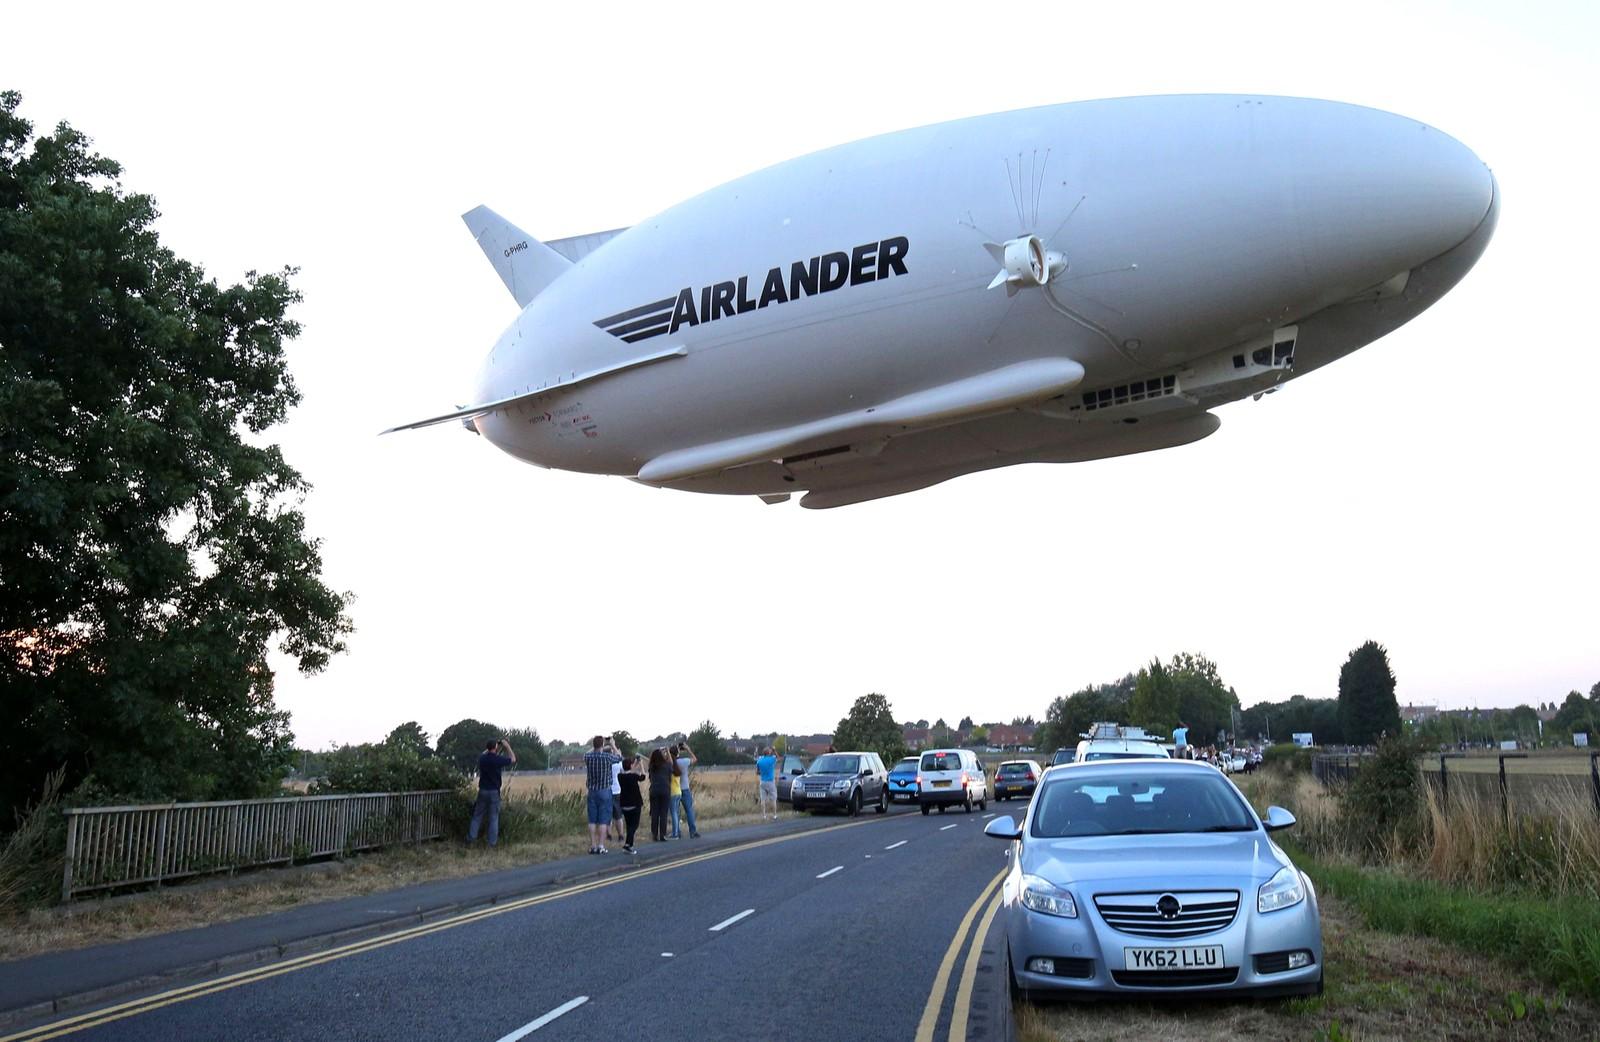 Dette er Hybrid Air Vehicles HAV 304 Airlander 10, verdens største luftfartøy, på jomfruturen nord for London i England den 17. august. Fartøyet er 92 meter langt, 43,5 meter bredt og 26 meter høyt. Det er fylt med helium og blir drevet av fire dieselmotorer. Ifølge selskapet som står bak, kan fartøyet være i luften i fem uker i strekk når det er ubemannet, og to uker hvis det er bemannet og farten er på 150 km/t. Det tåler en lastevekt på opptil 10.000 kg. Vokalisten i Iron Maiden, Bruce Dickinson, som selv er pilot, skal være en av investorene.